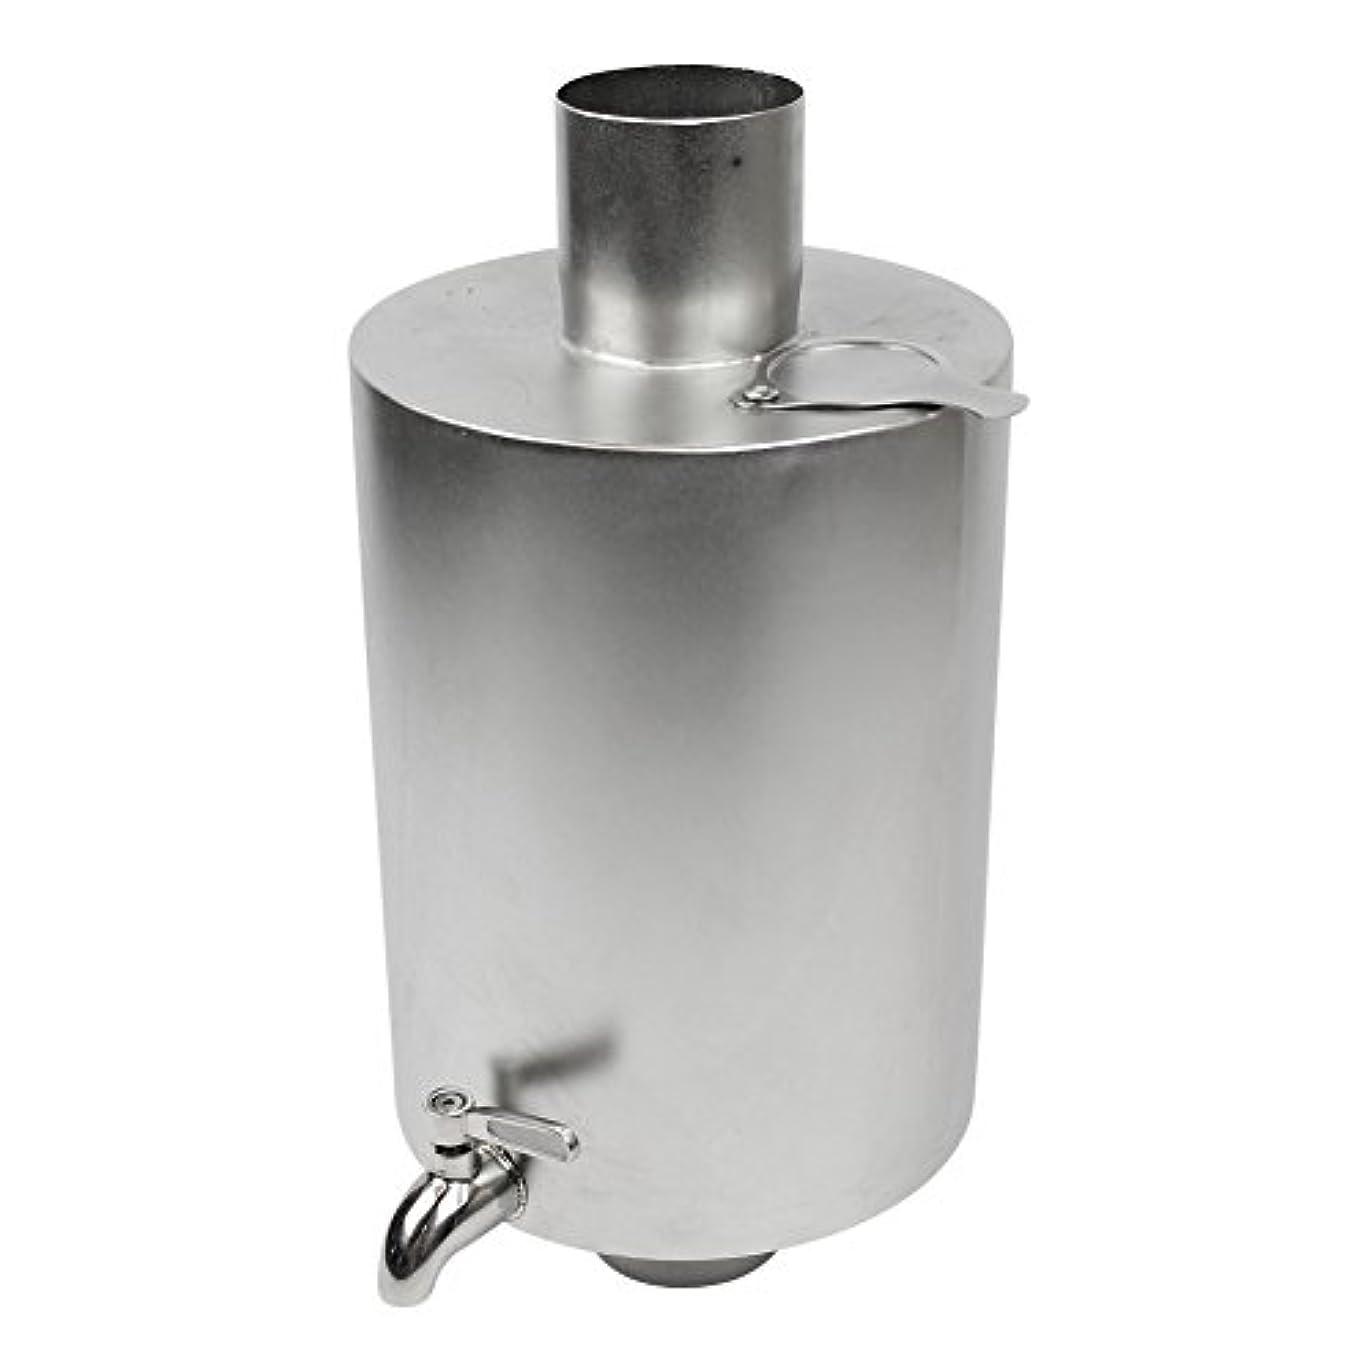 チューブ広がり調べるG-Stove専用 パイプウォータータンク 5L Pipe watertank 5 Litre